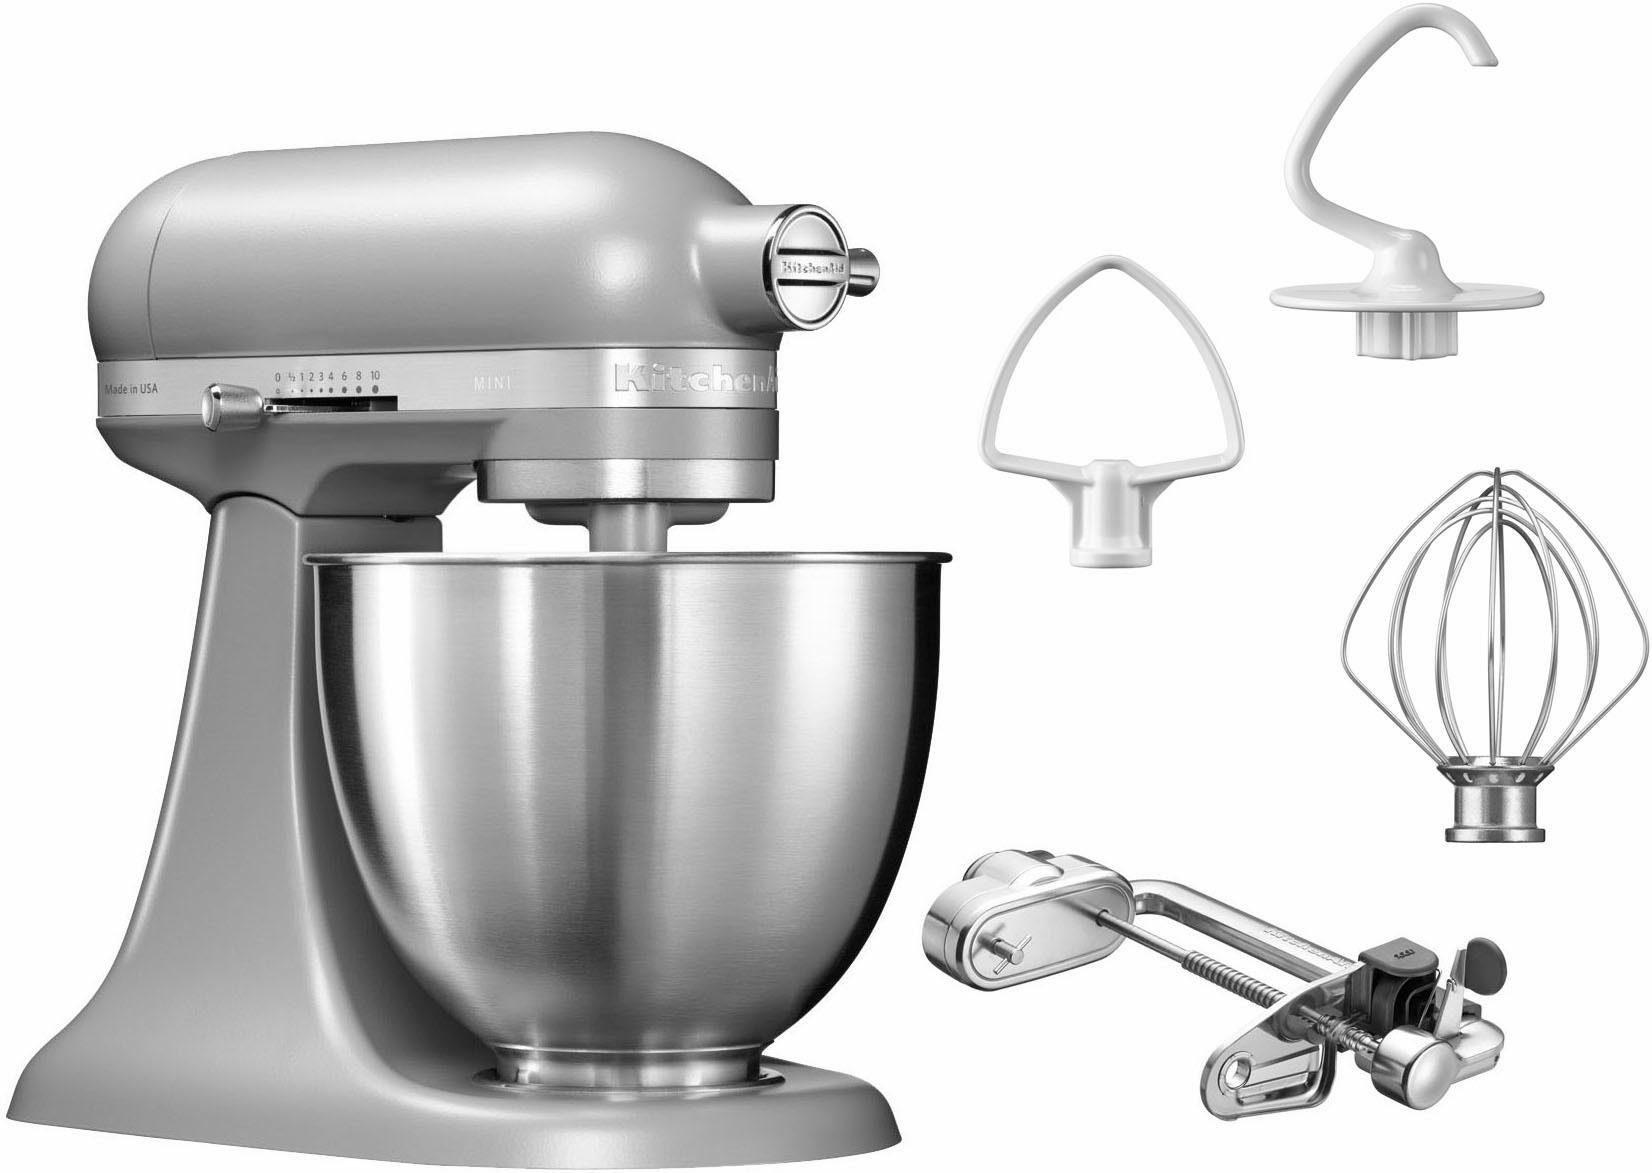 KitchenAid® Küchenmaschine Mini 5KSM3311XEFG, mit Sonderzubehör im Wert von 139,-€ UVP